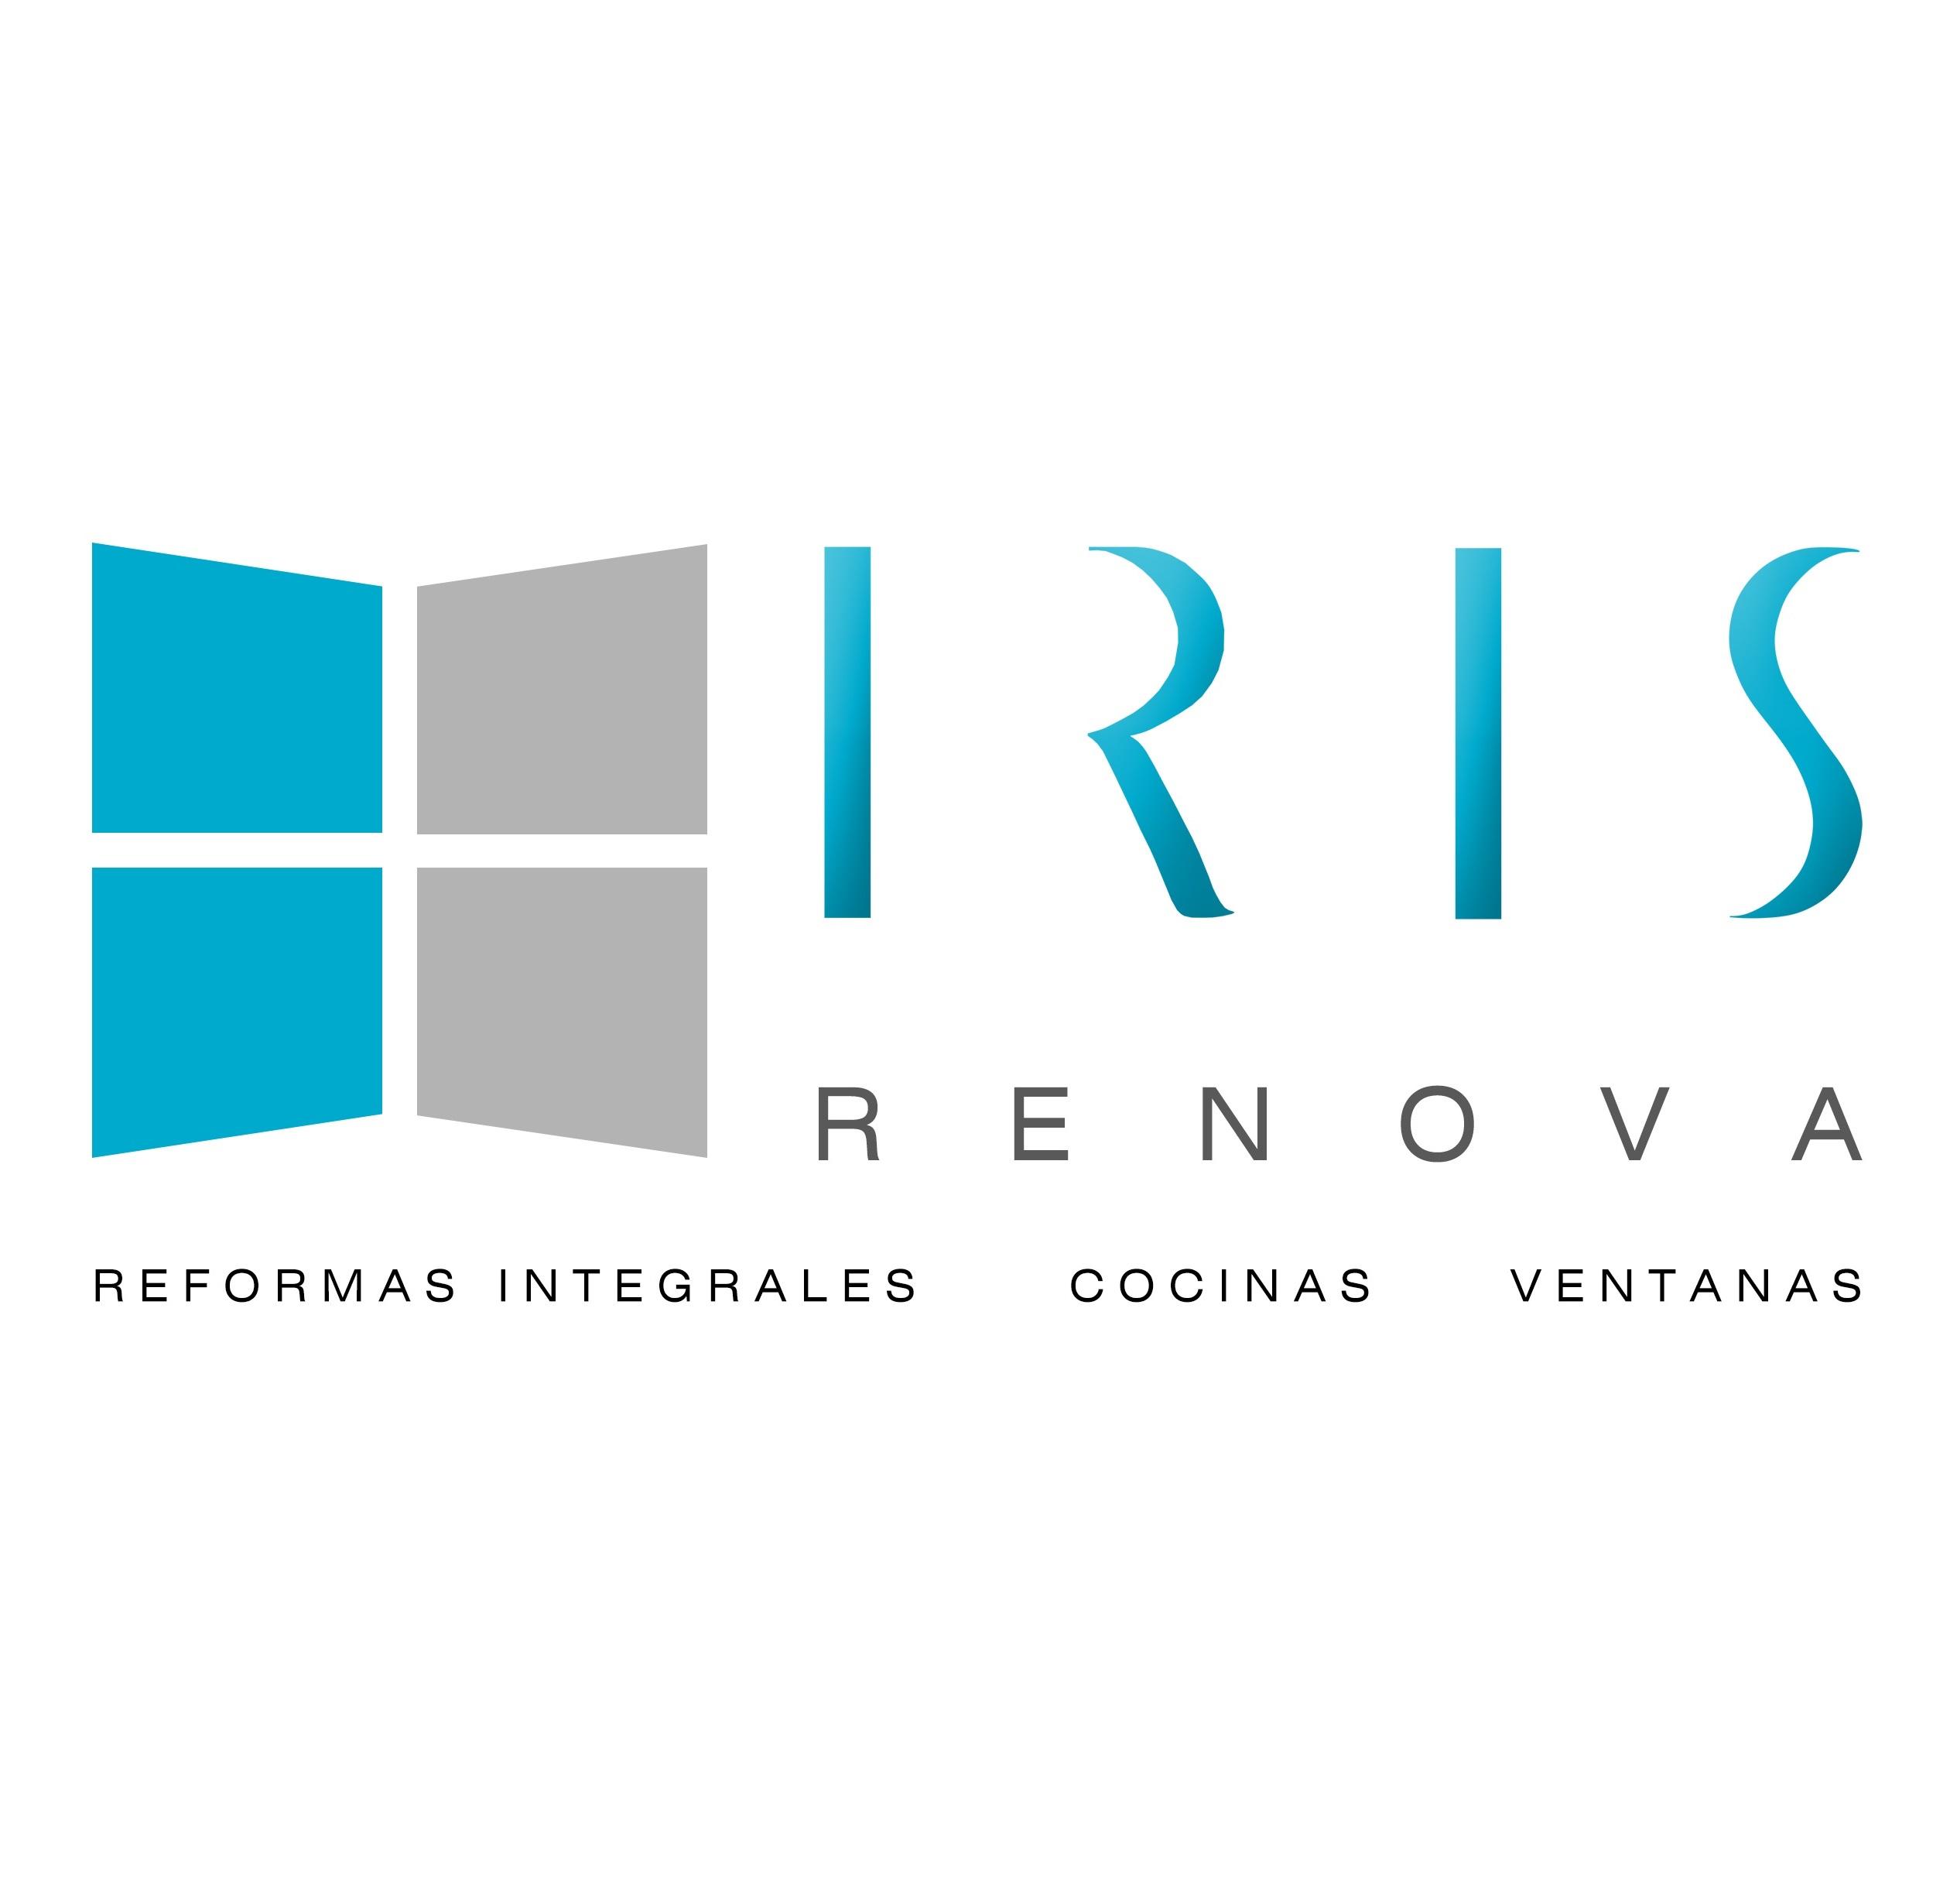 Iris Renova